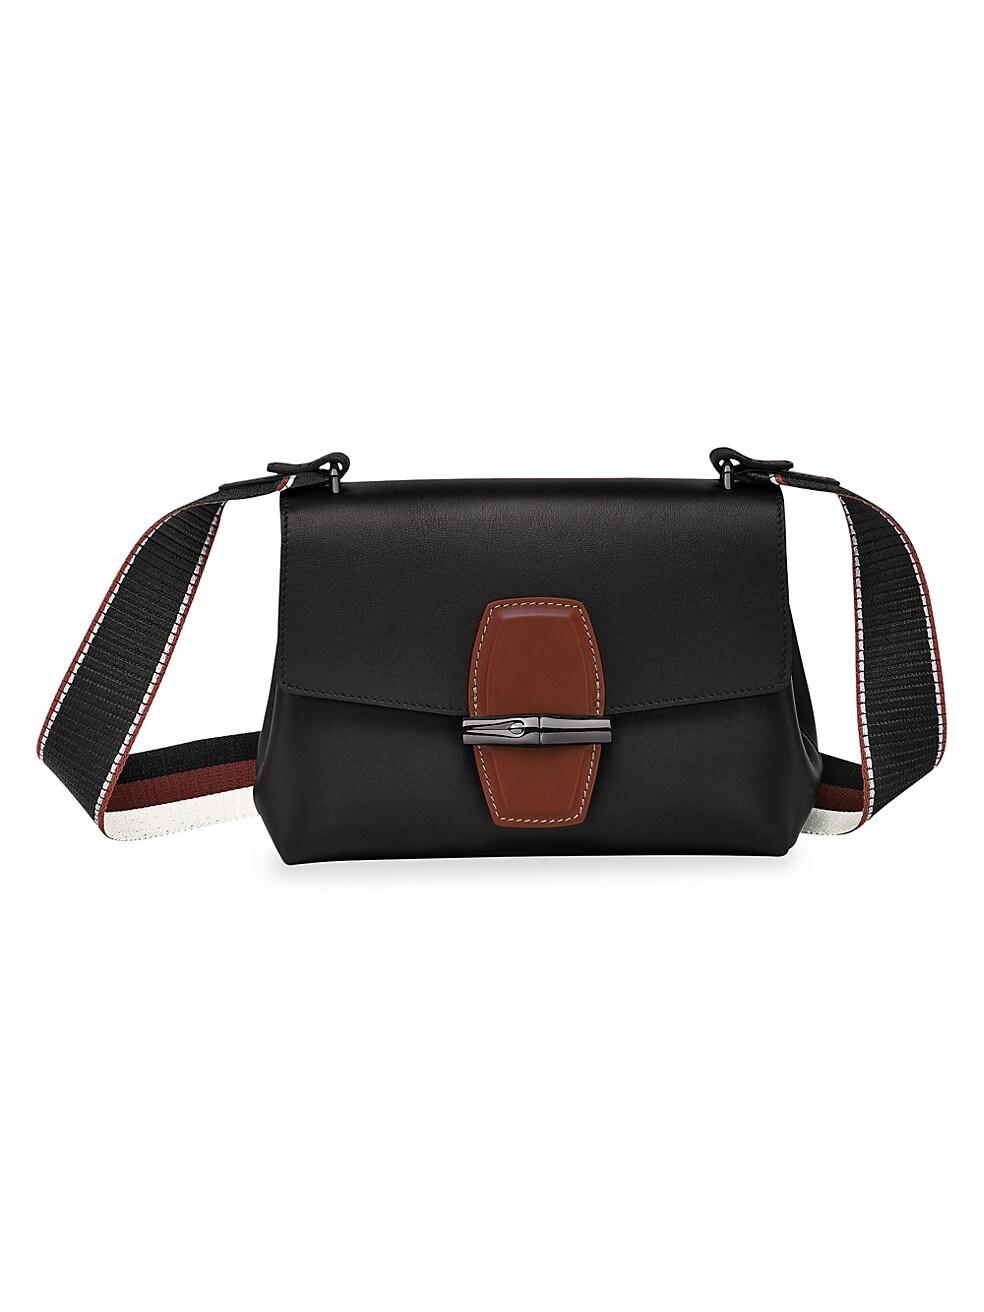 롱샴 크로스바디백 Longchamp Large Roseau Crossbody Bag,BLACK